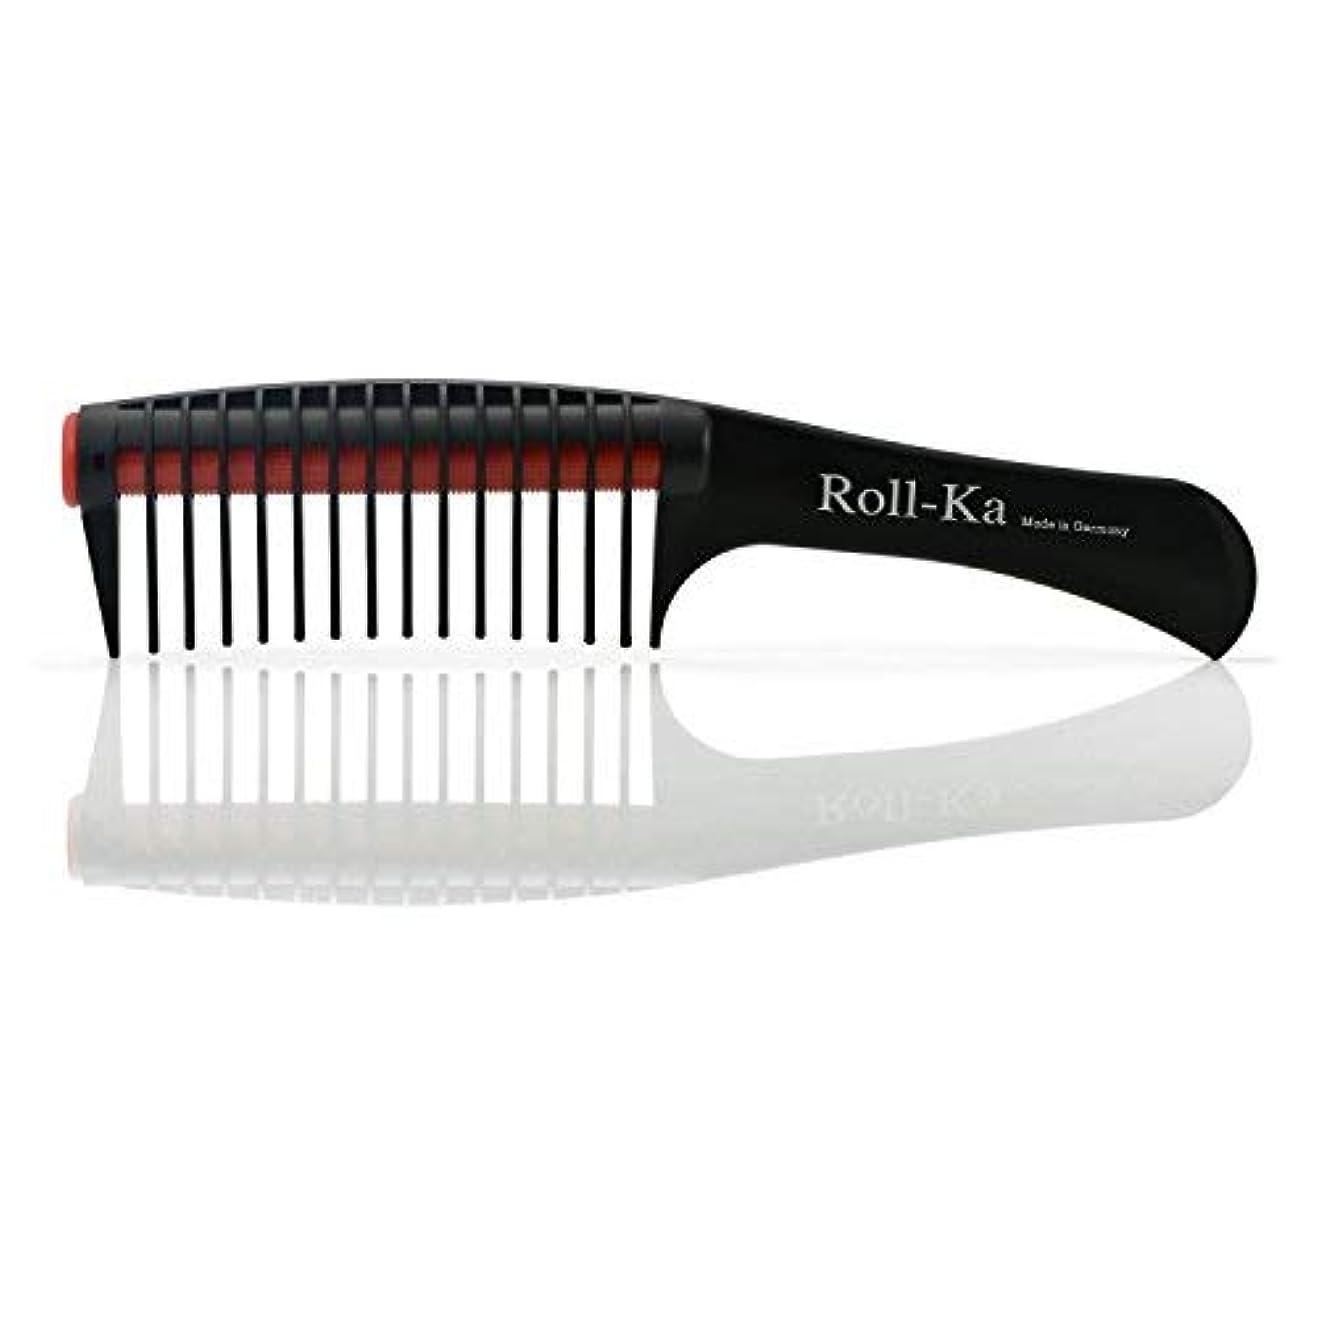 アクションオールいつでもTriumph Technic Roll-Ka Anti Splicing Hair Comb 9